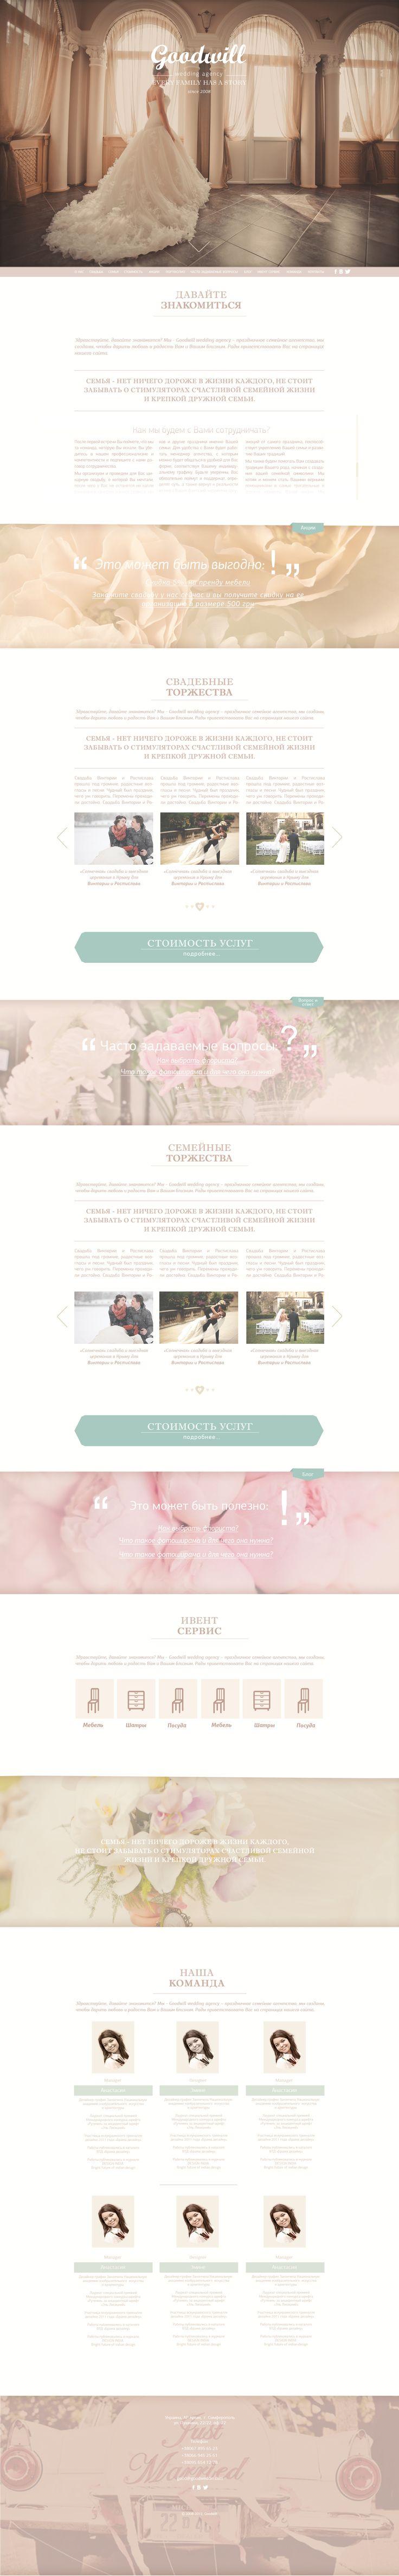 Goodwill wedding agency, web, design, wedding